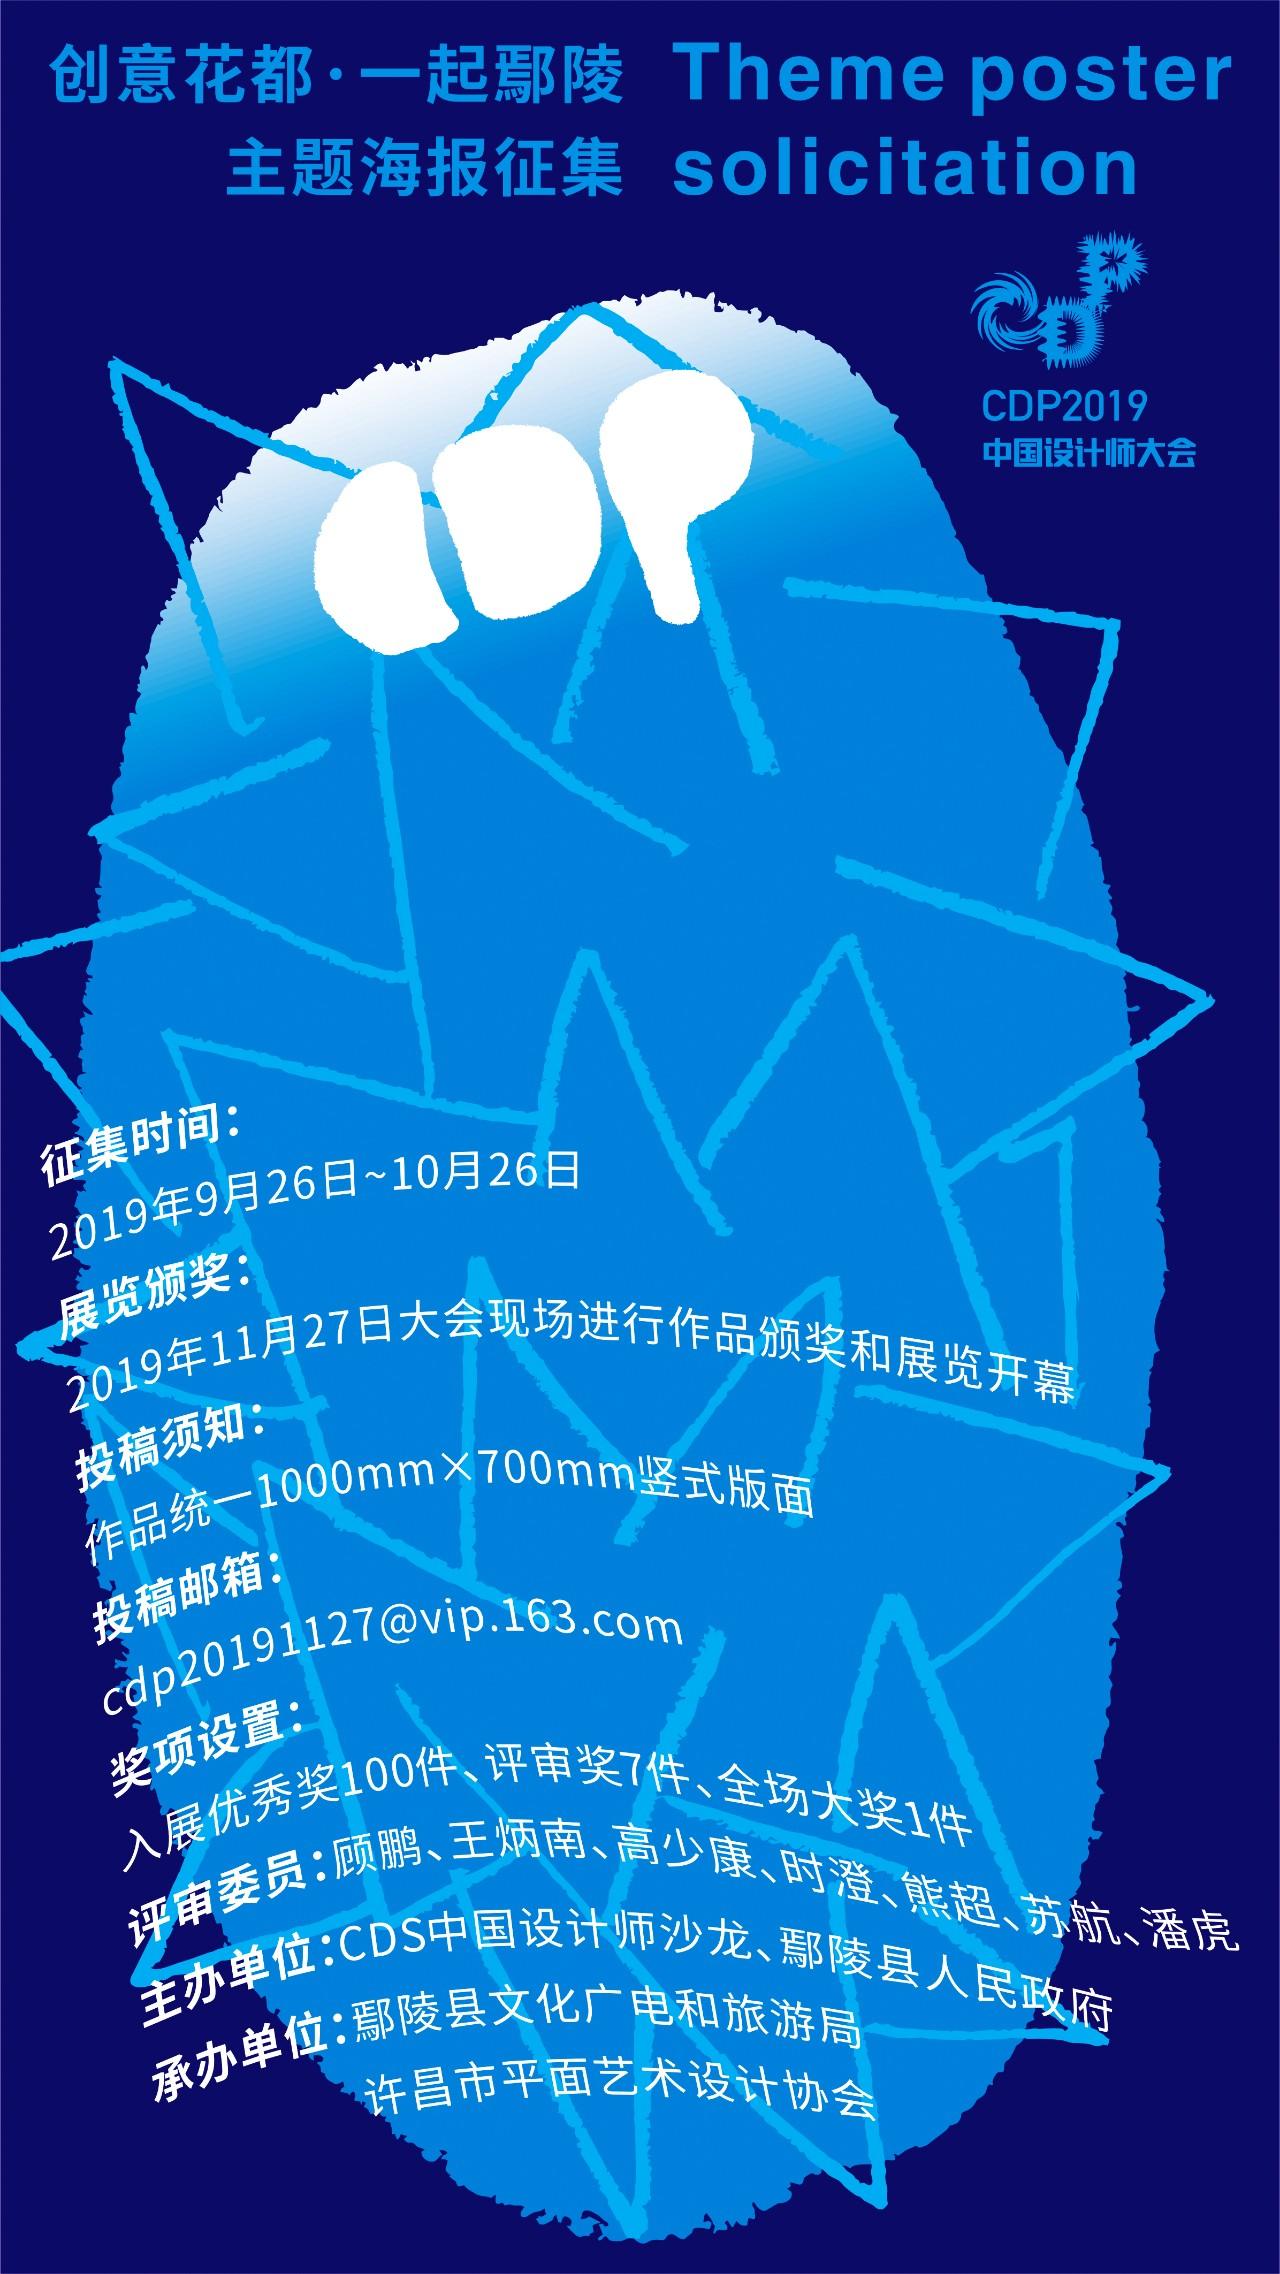 中国人均CDP2019_中国地图